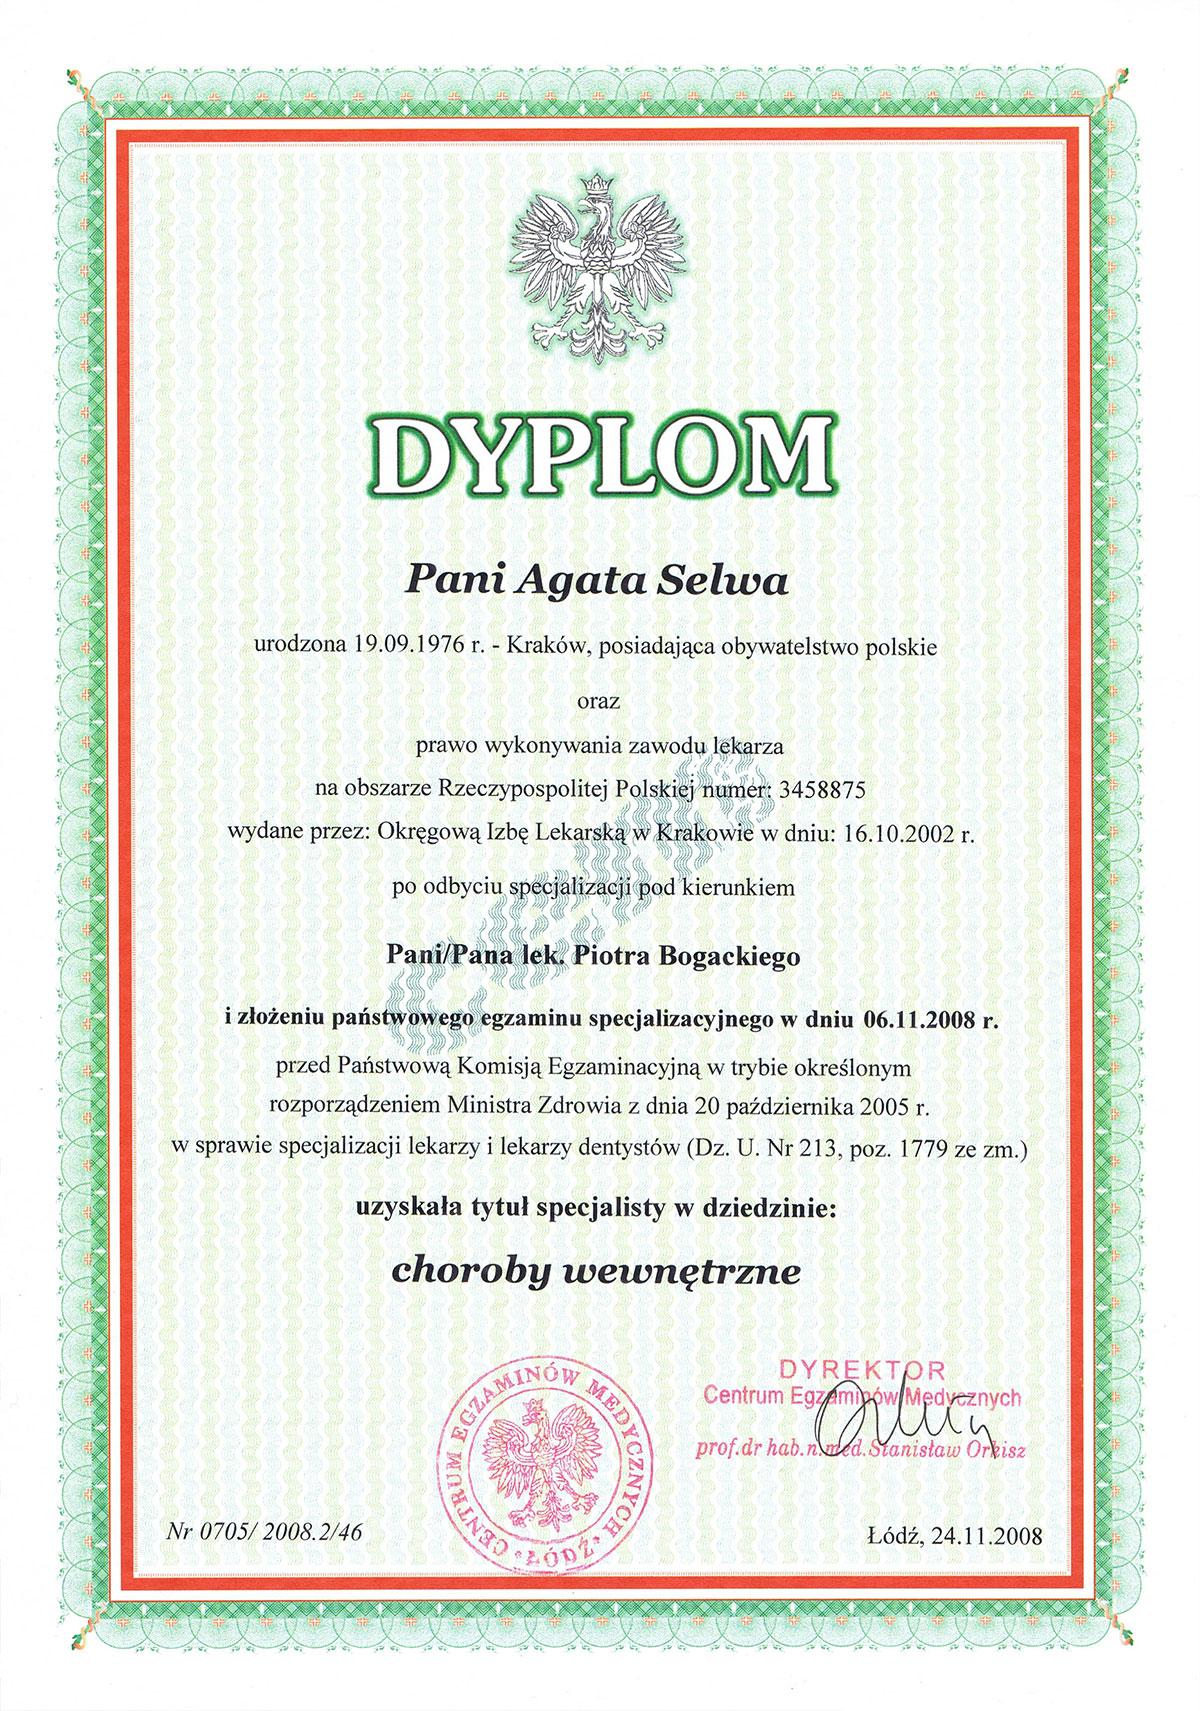 certyfikat specjalista chorób wewnętrznych dr agata selwa